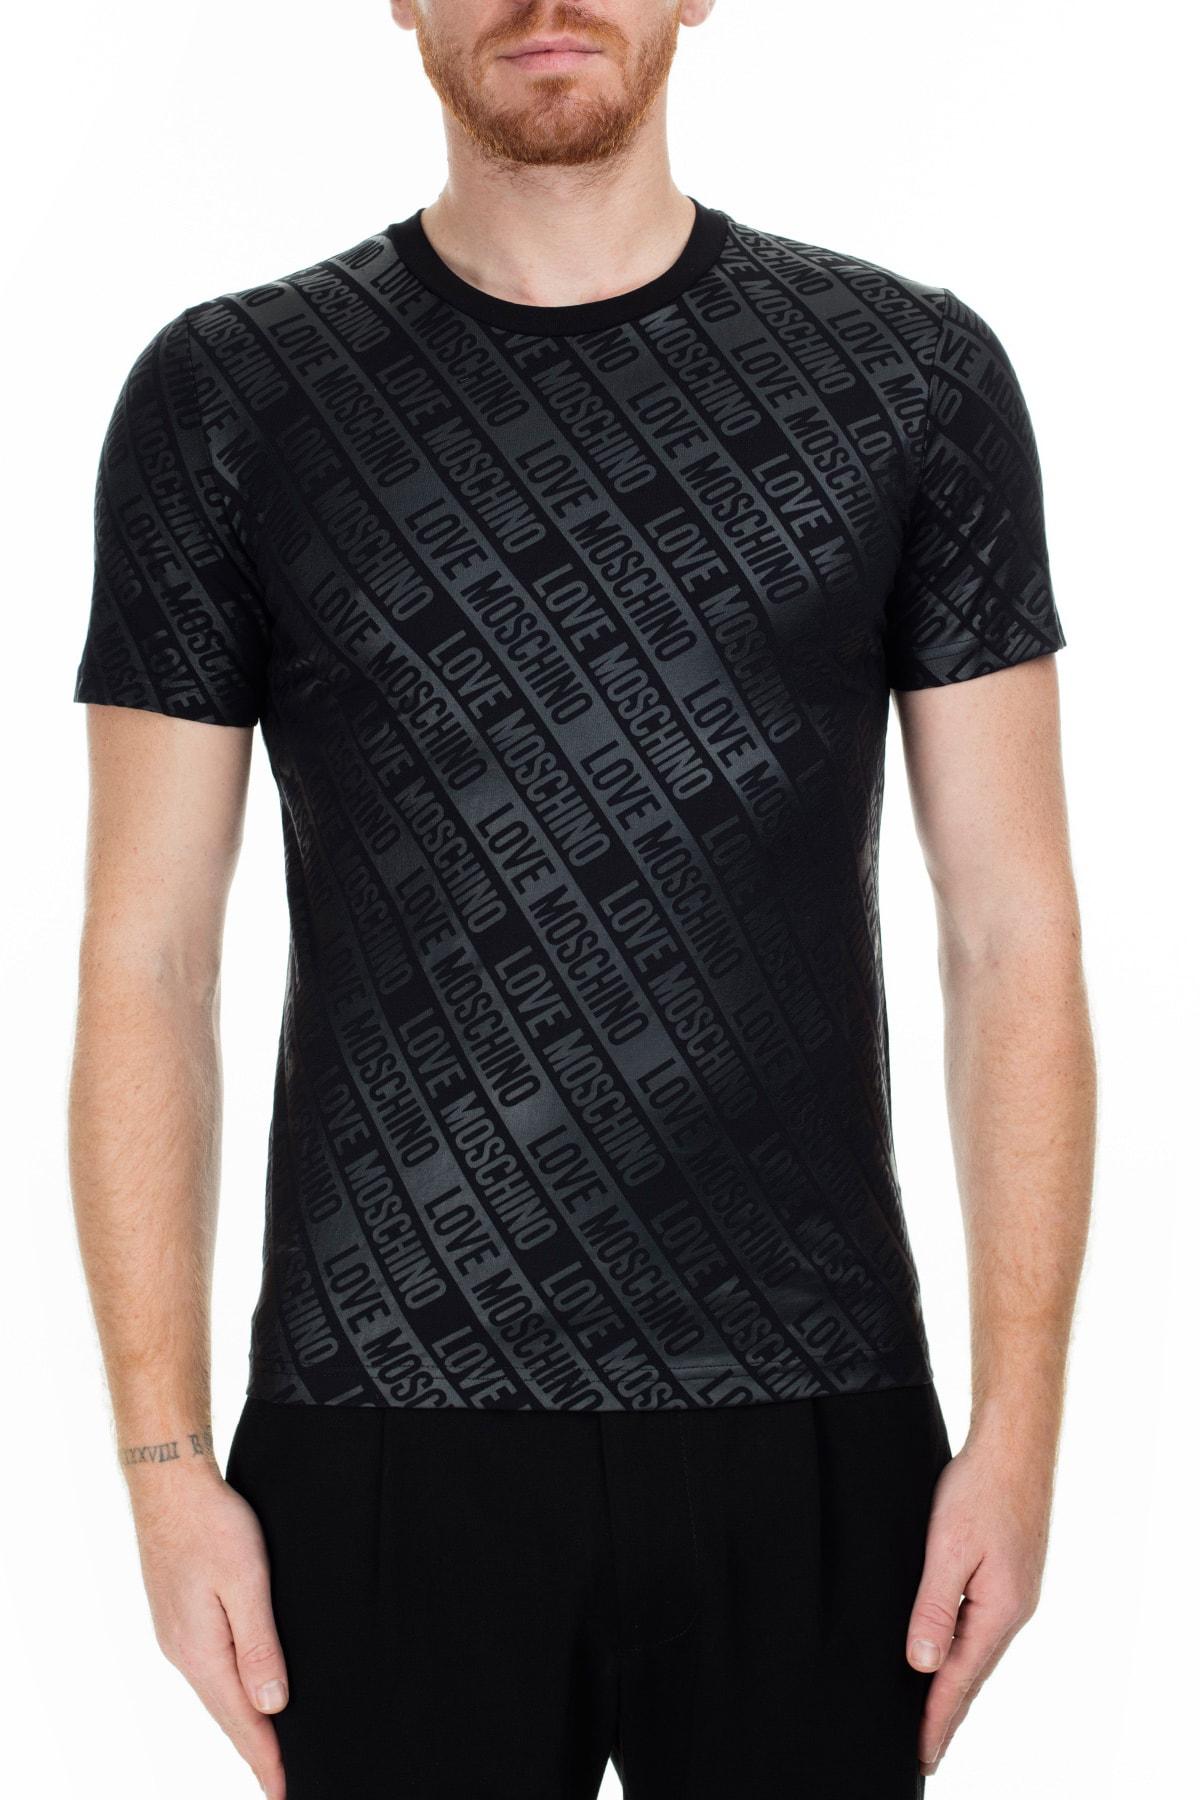 Love Moschino Erkek Siyah T-Shirt S M473100E2013 0017 1